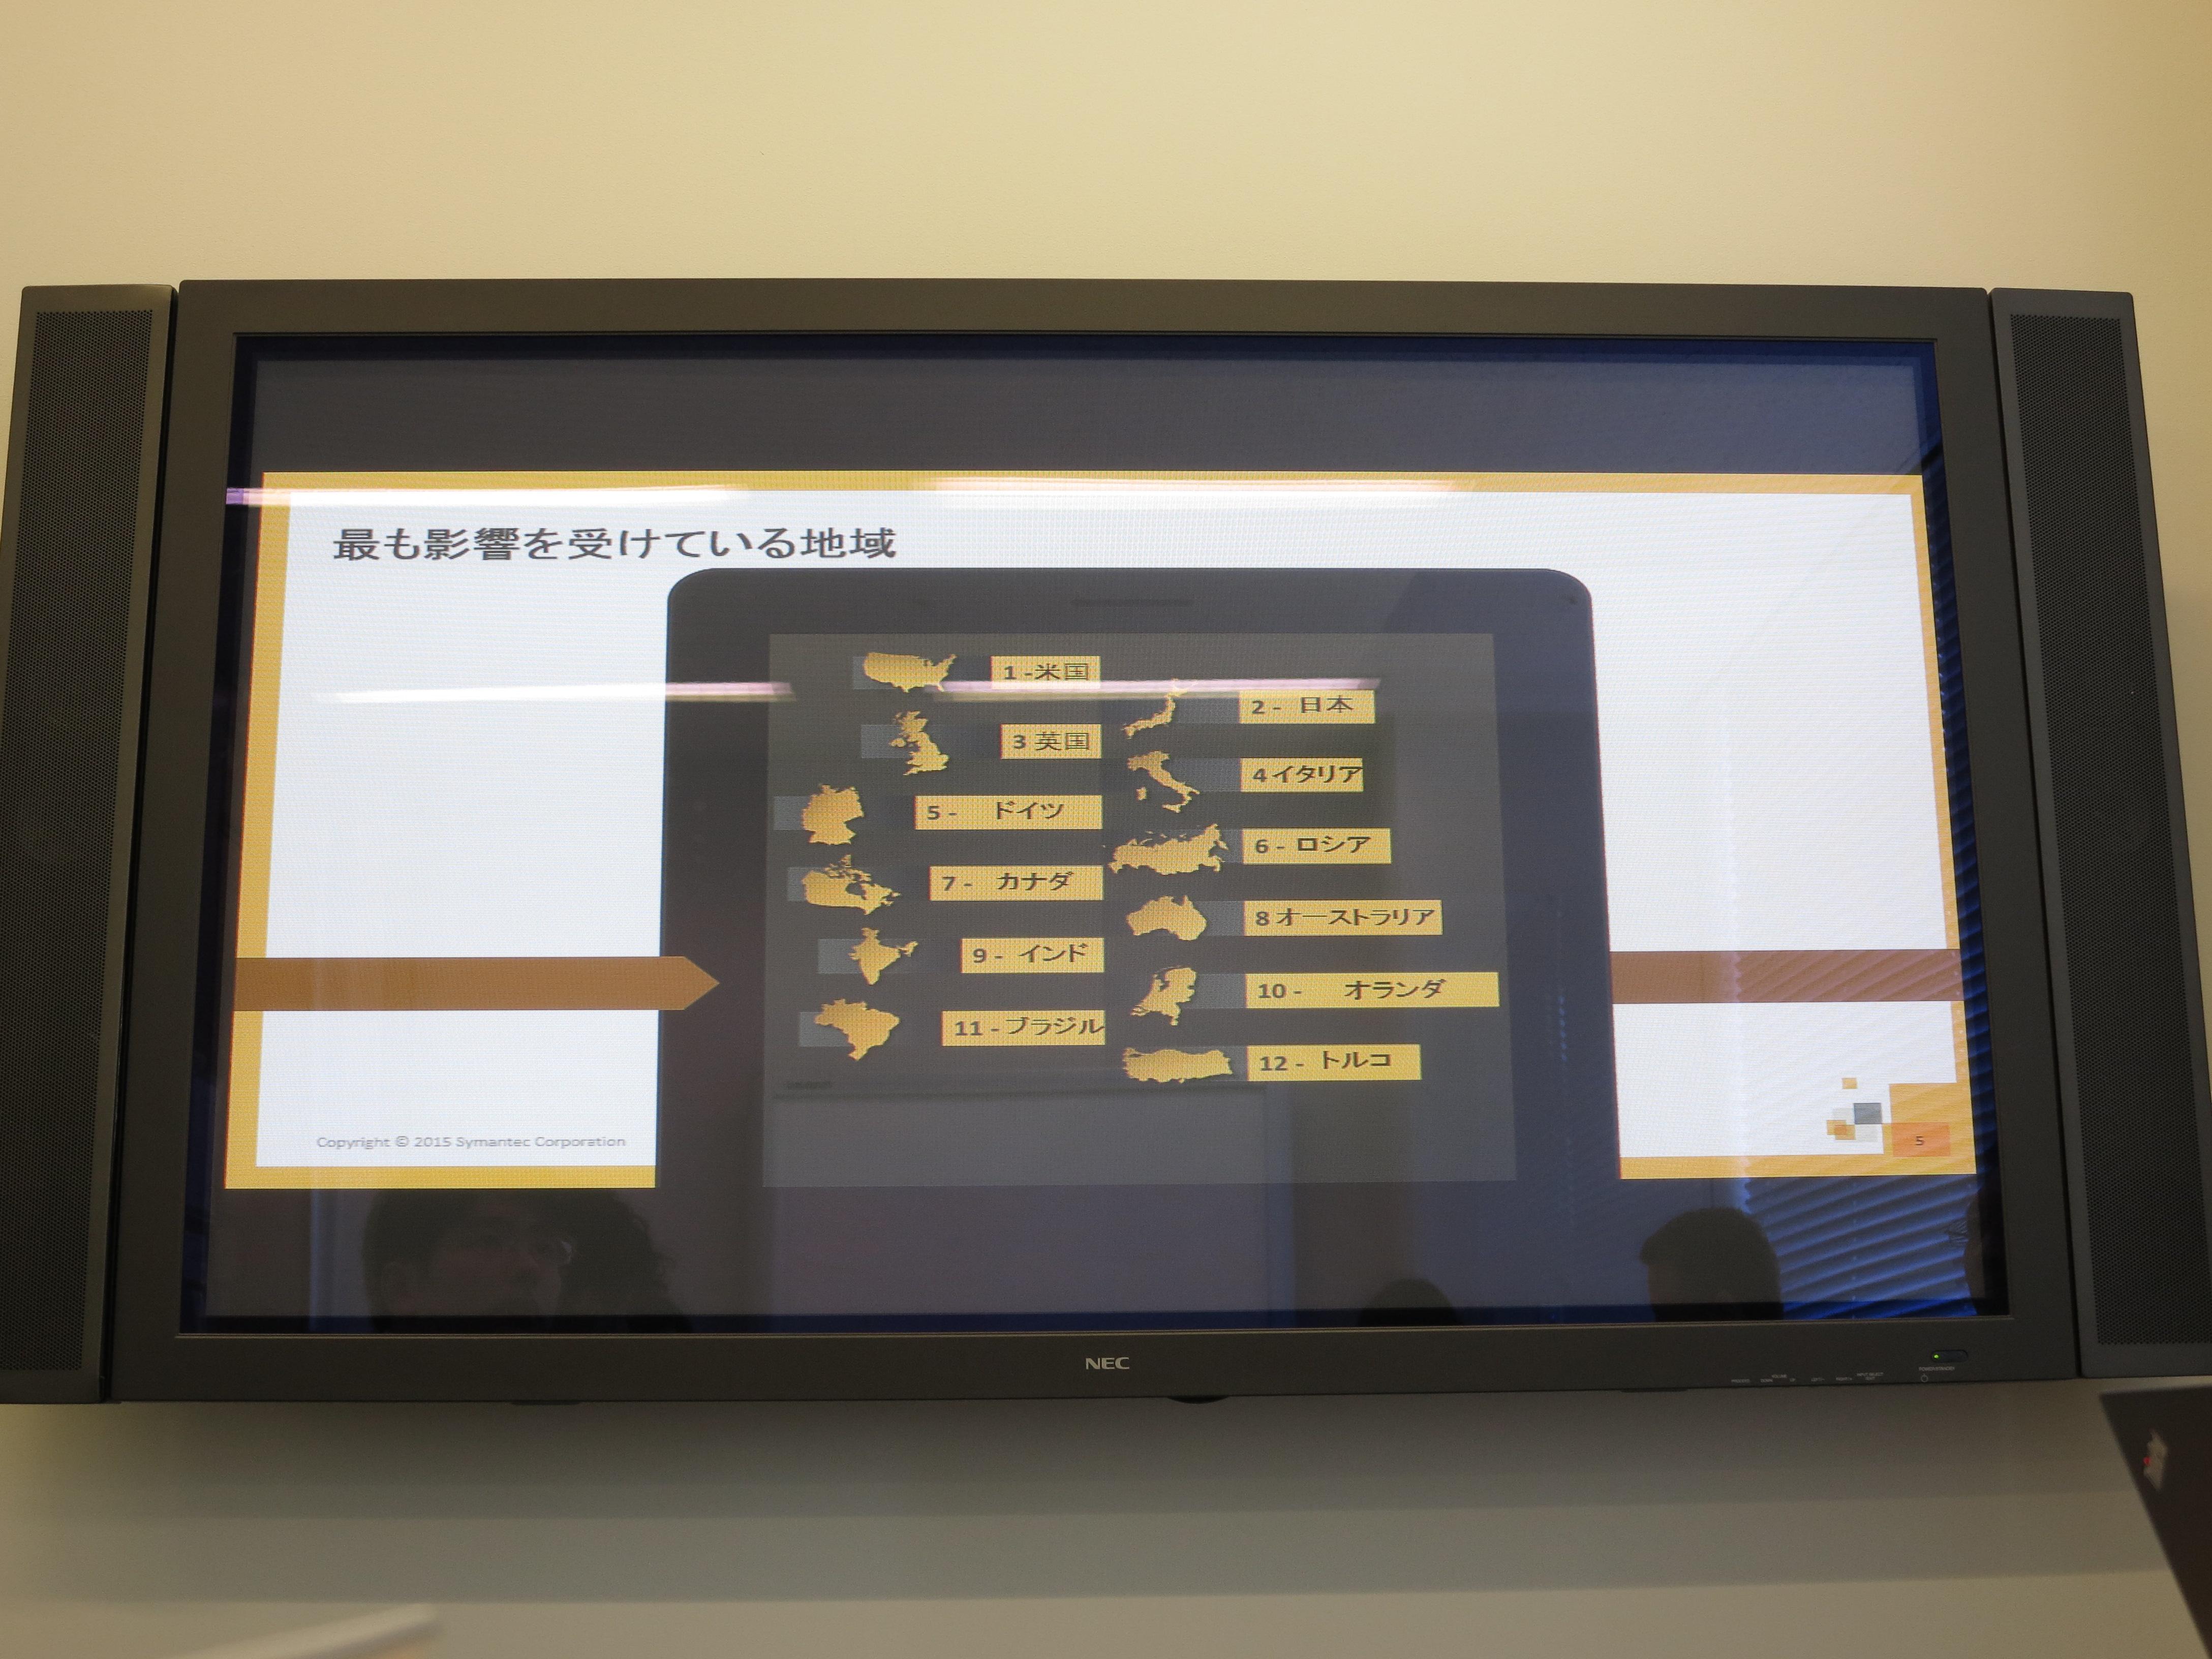 日本は米国に続いて2番目にランサムウェアの影響を受けているという